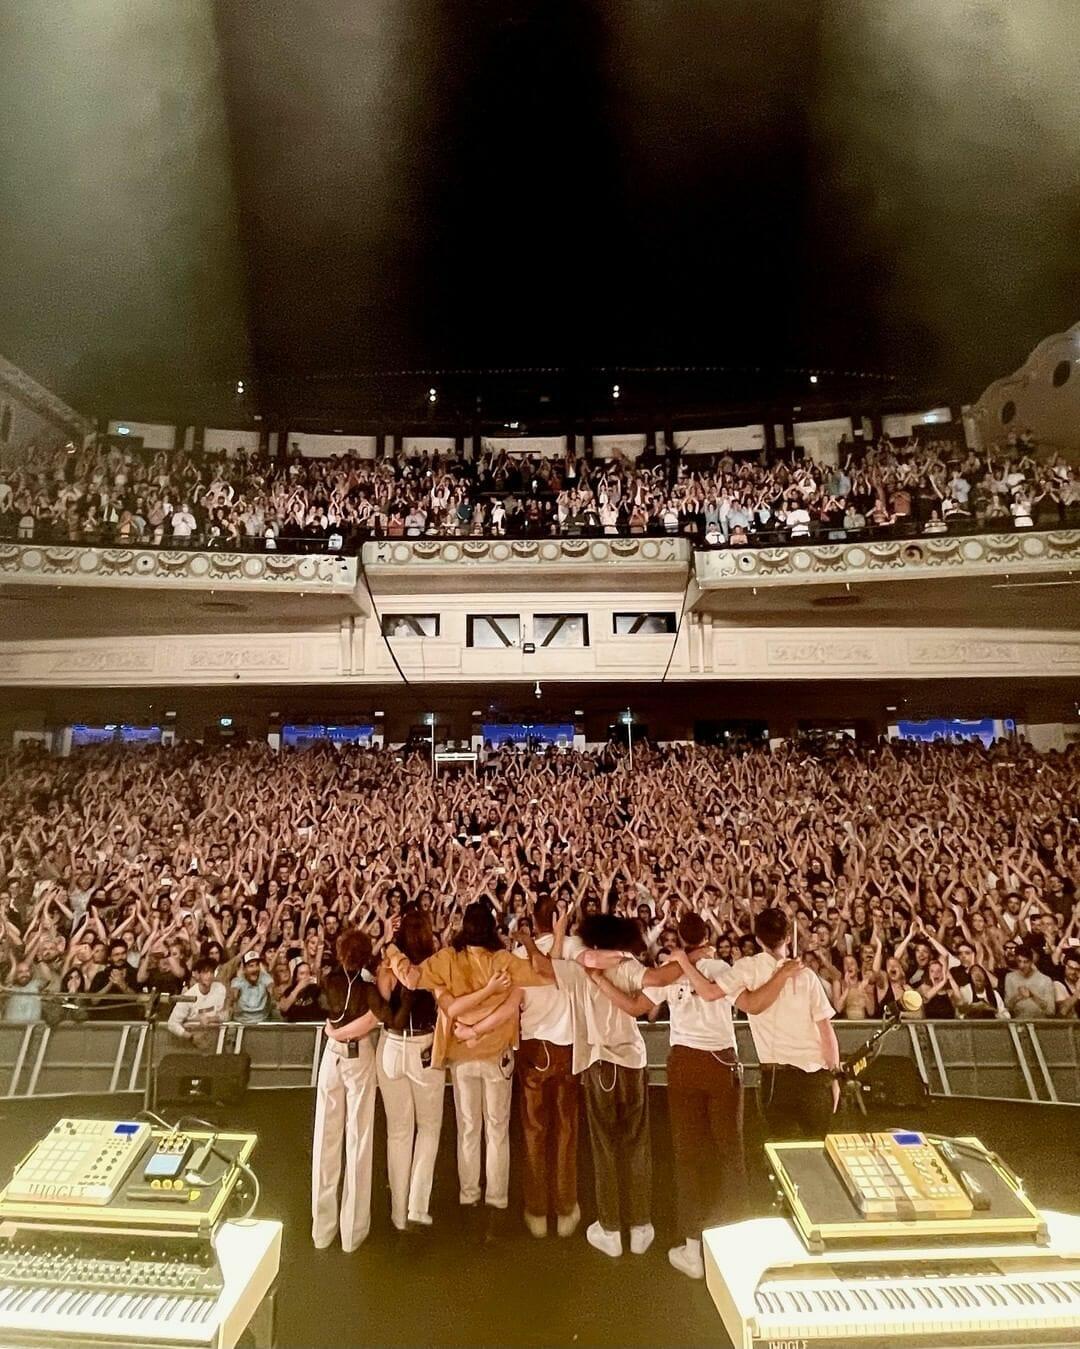 Le groupe se tient de dos, sur scène, face à une salle de concert pleine.